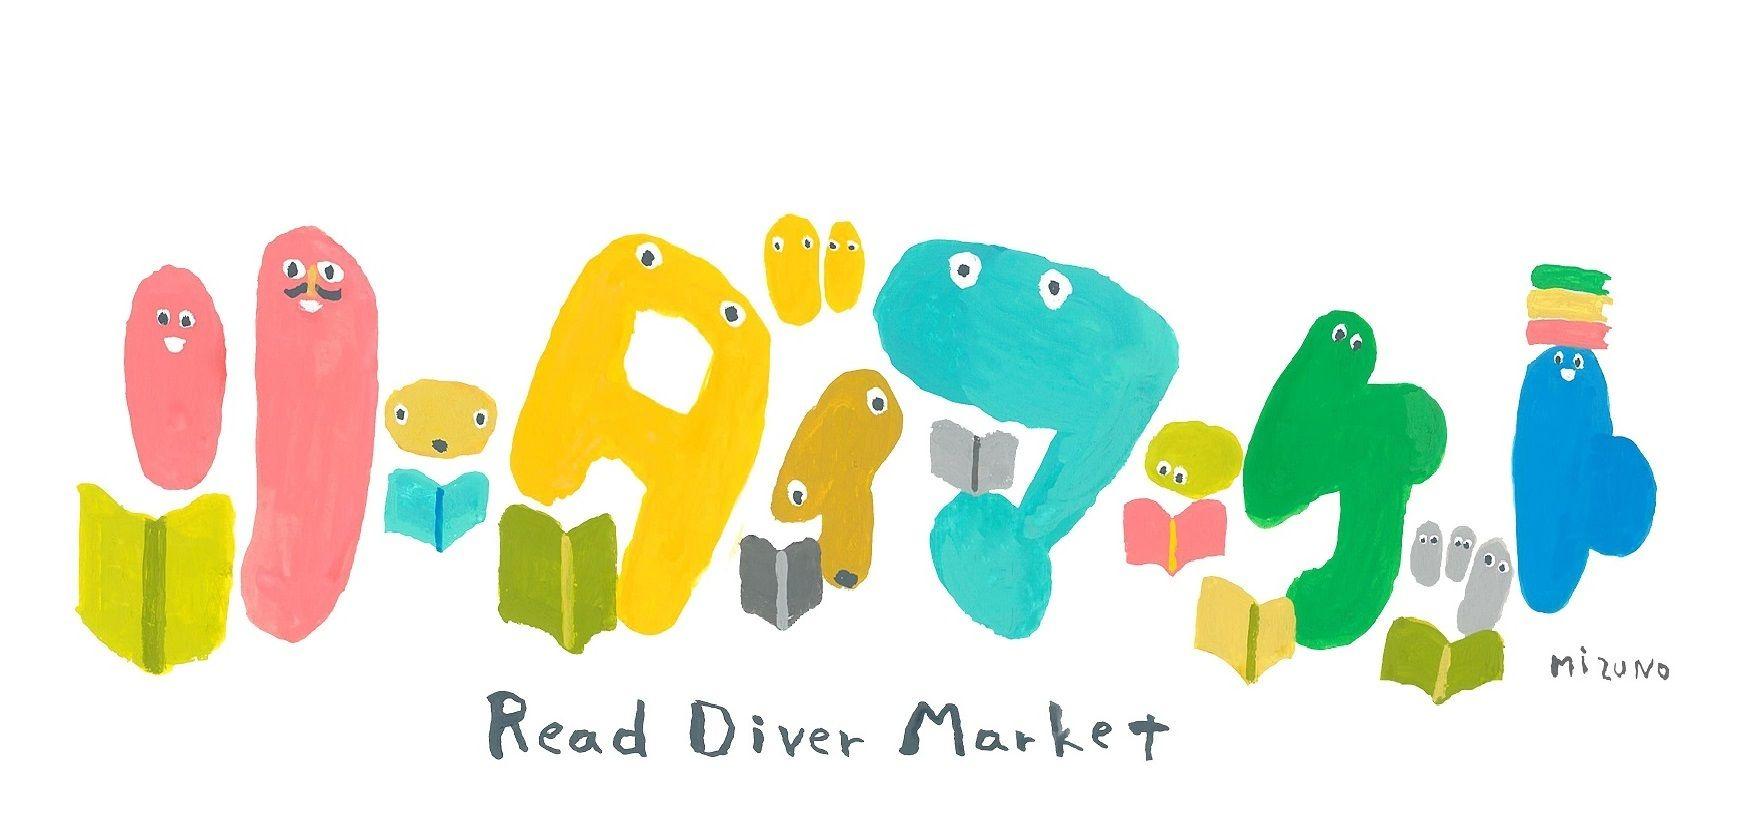 リーダーマーケット~Read Diver Market~